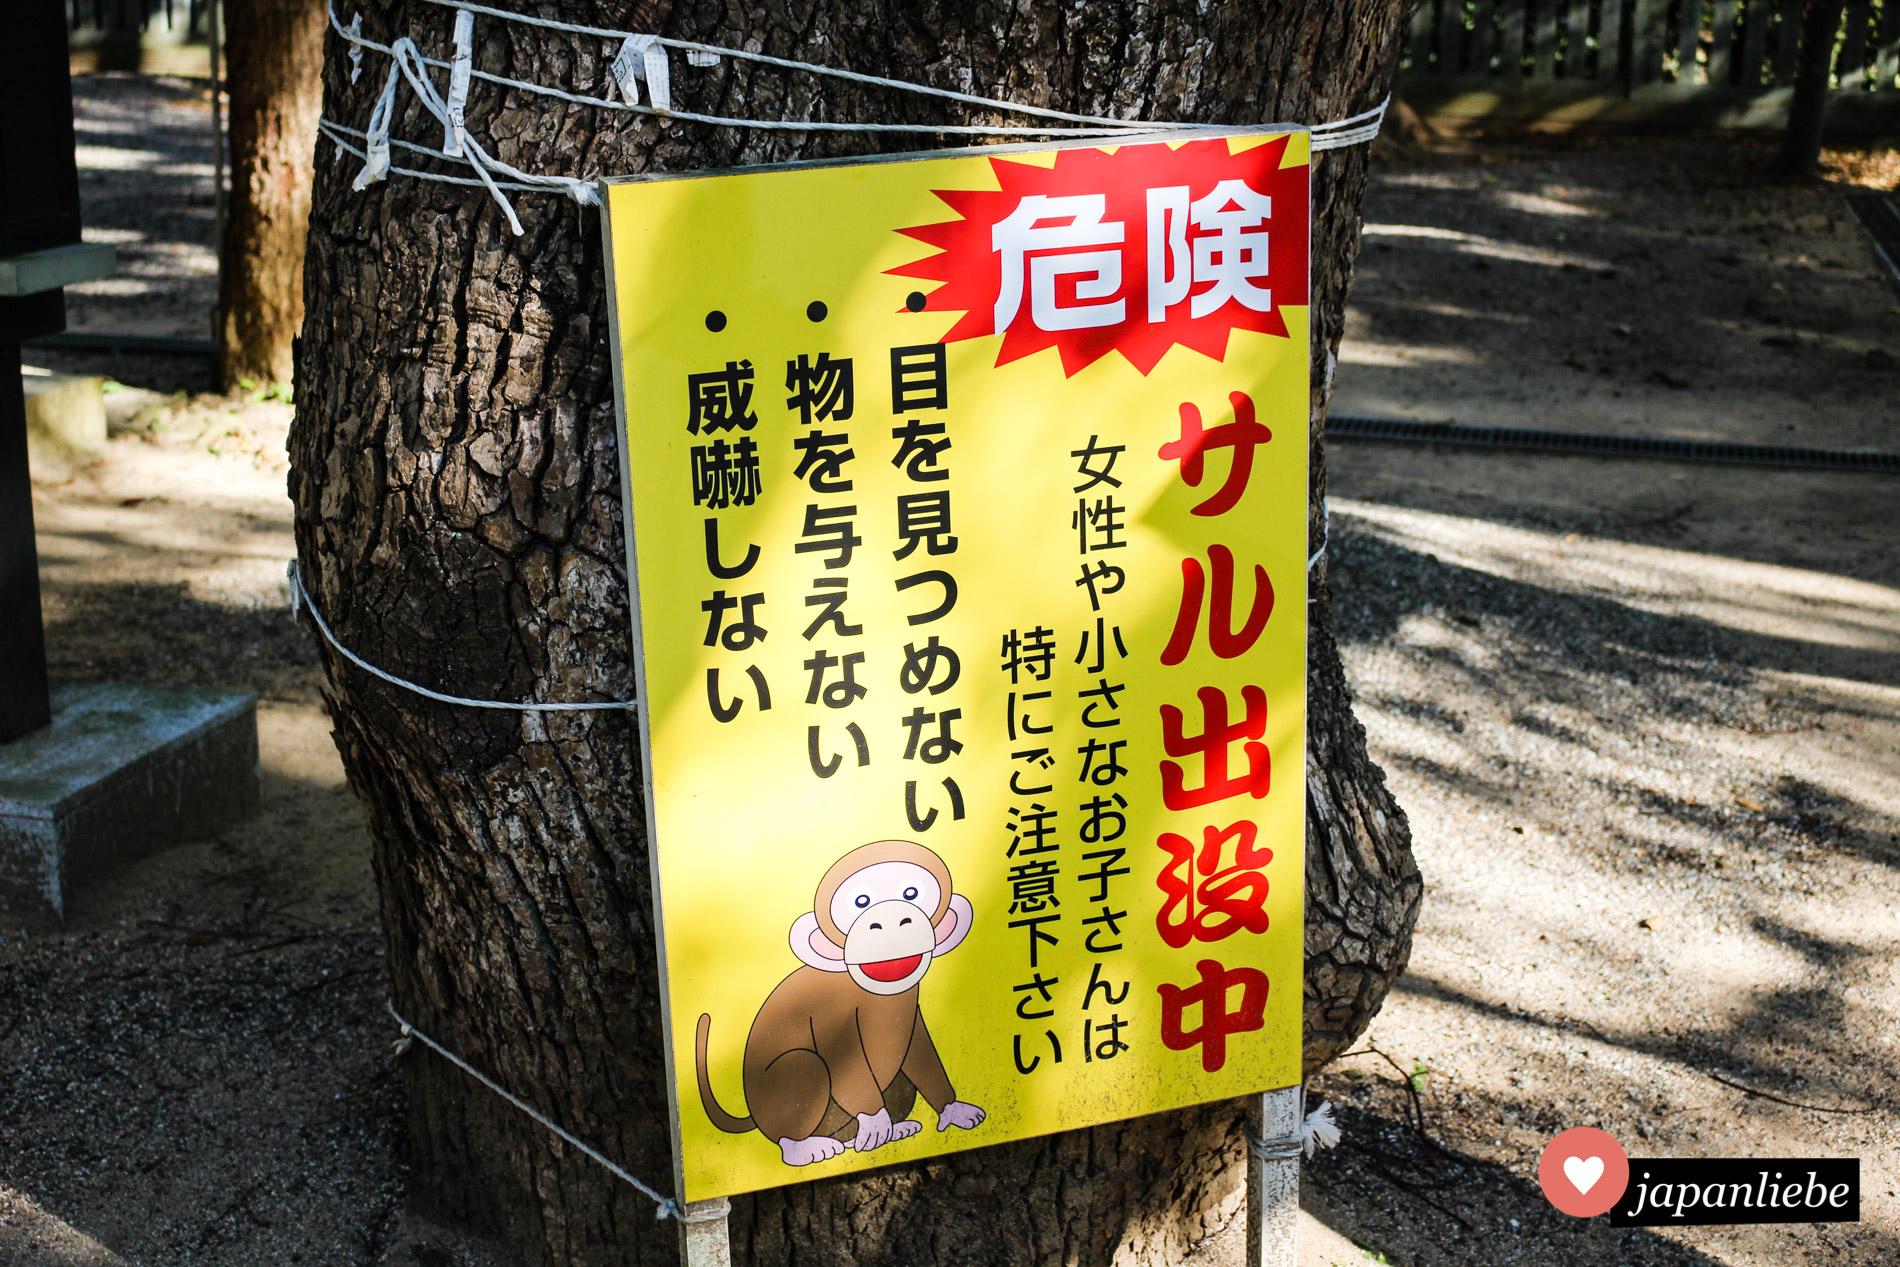 Warnschilder vor Affen – in Deutschland undenkbar.